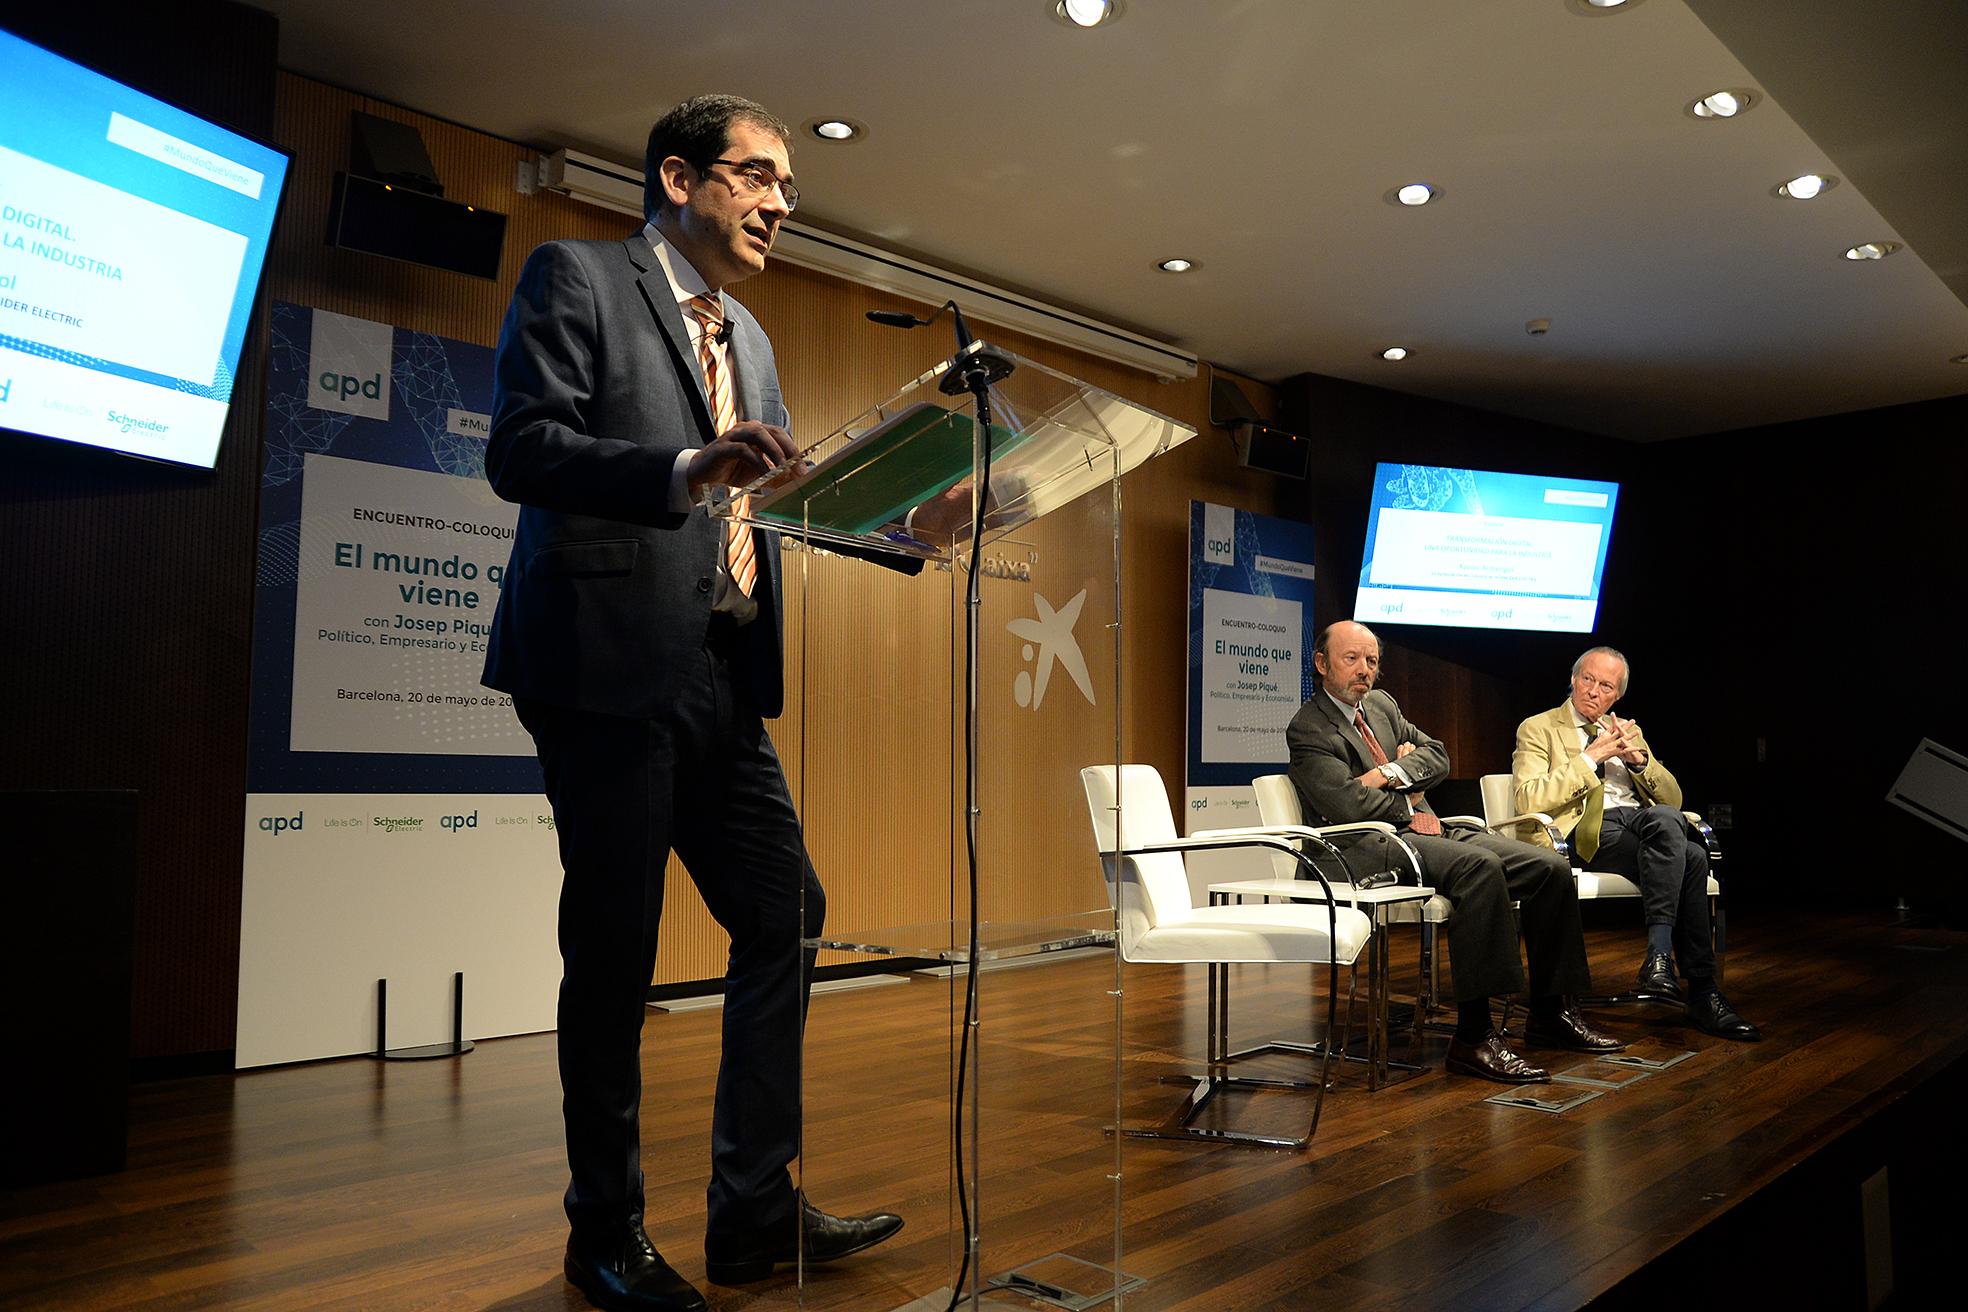 Josep Piqué: Quien domine la tecnología dominará el mundo